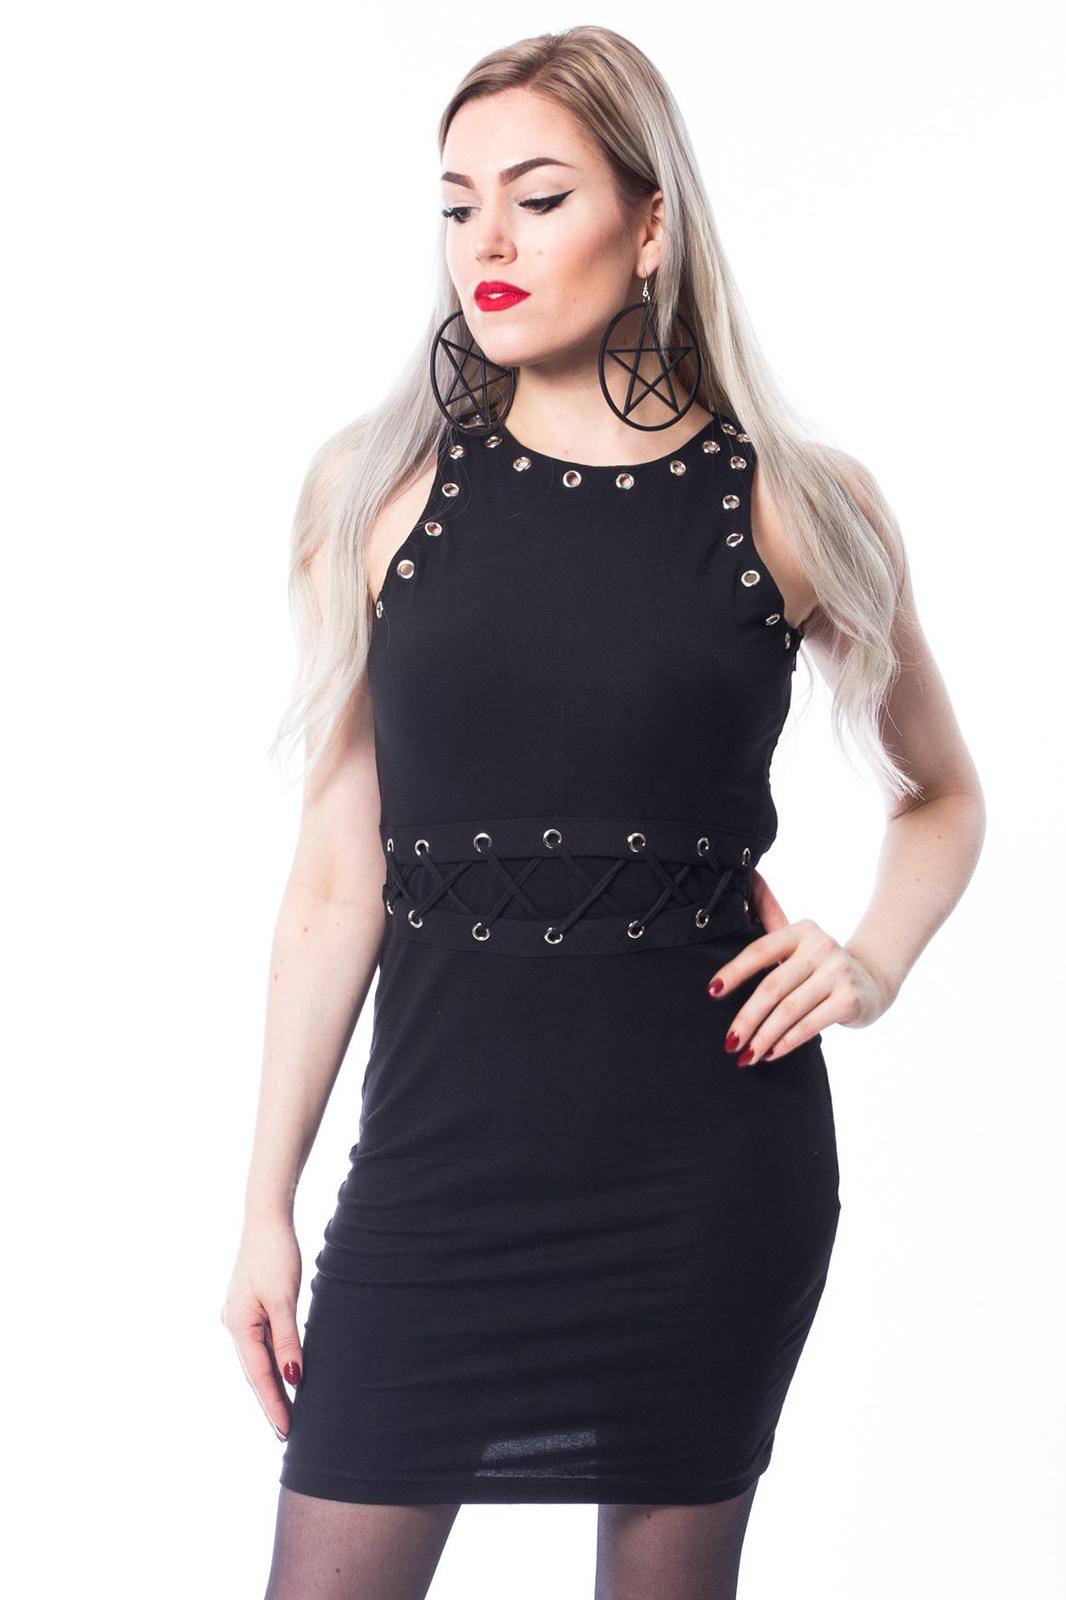 Vaisy Dress Black